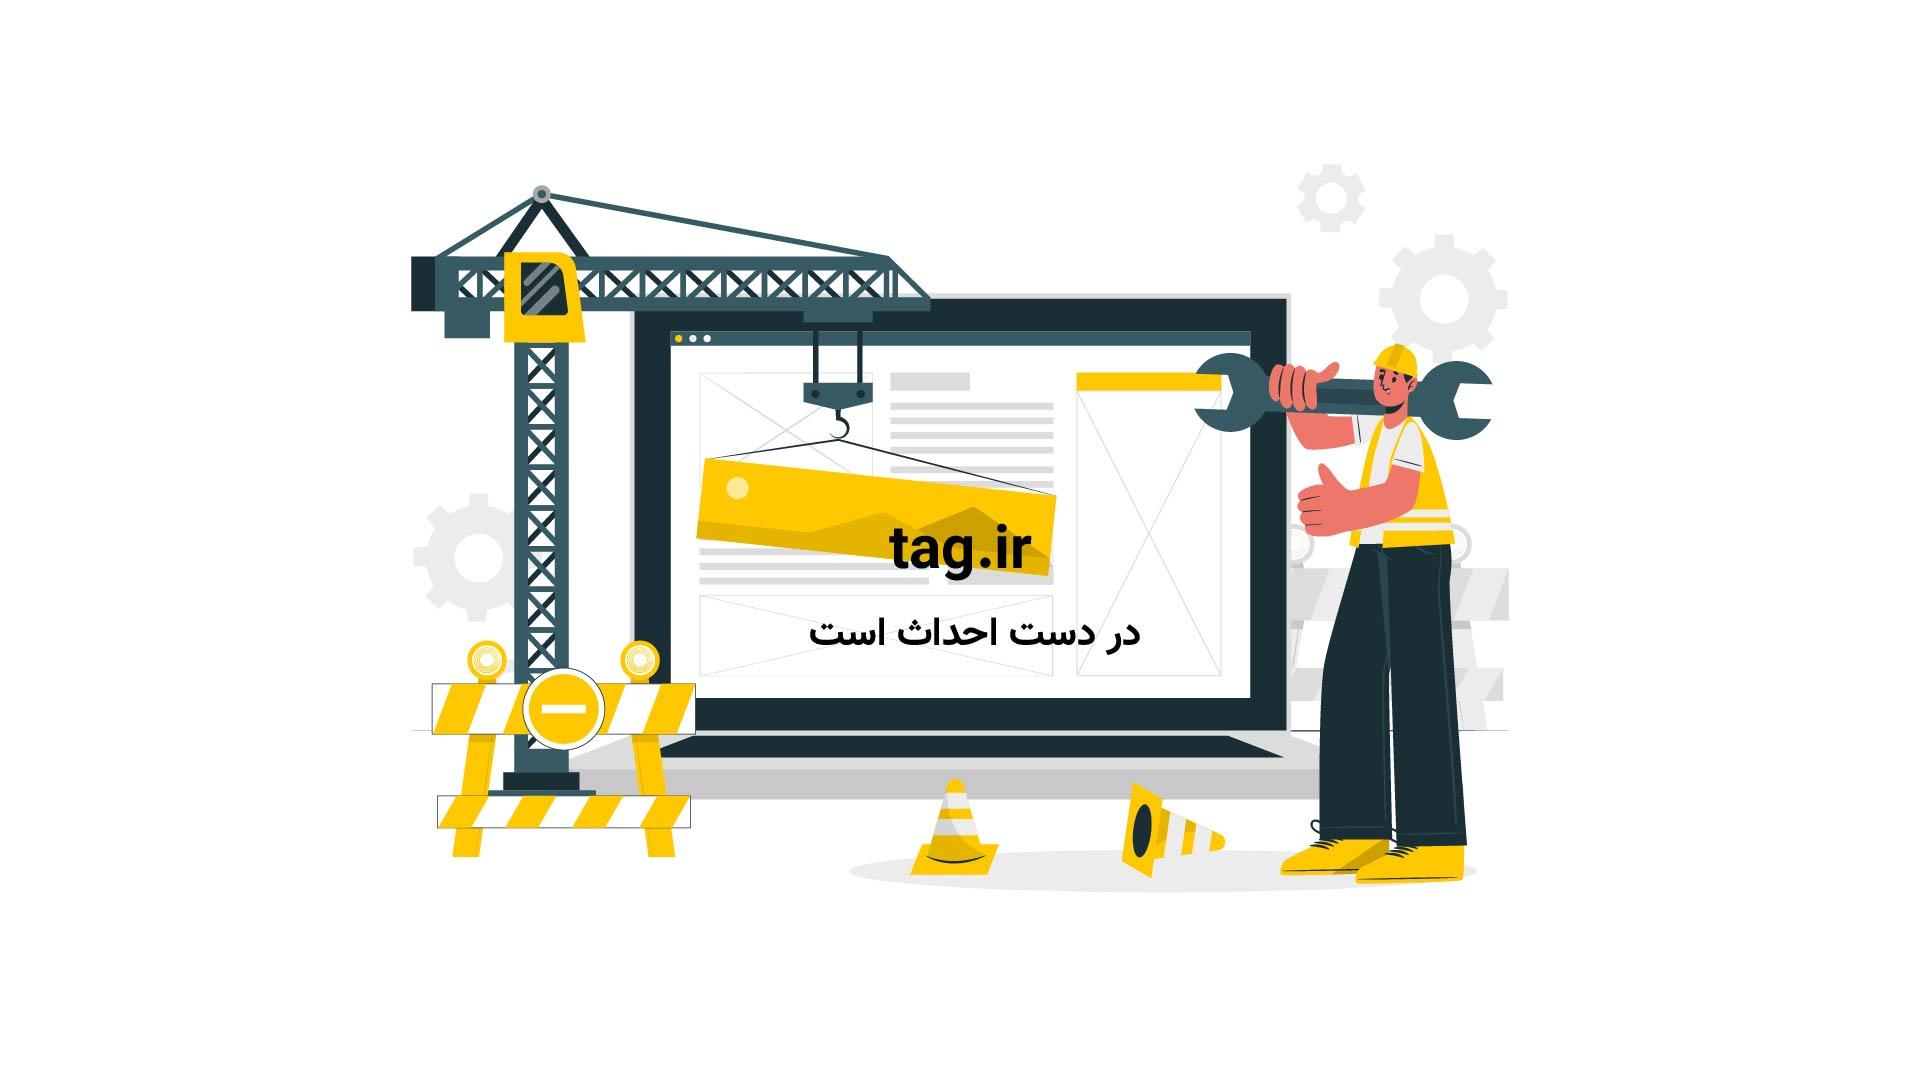 پیش بازی رئال مادرید لژیا ورشو